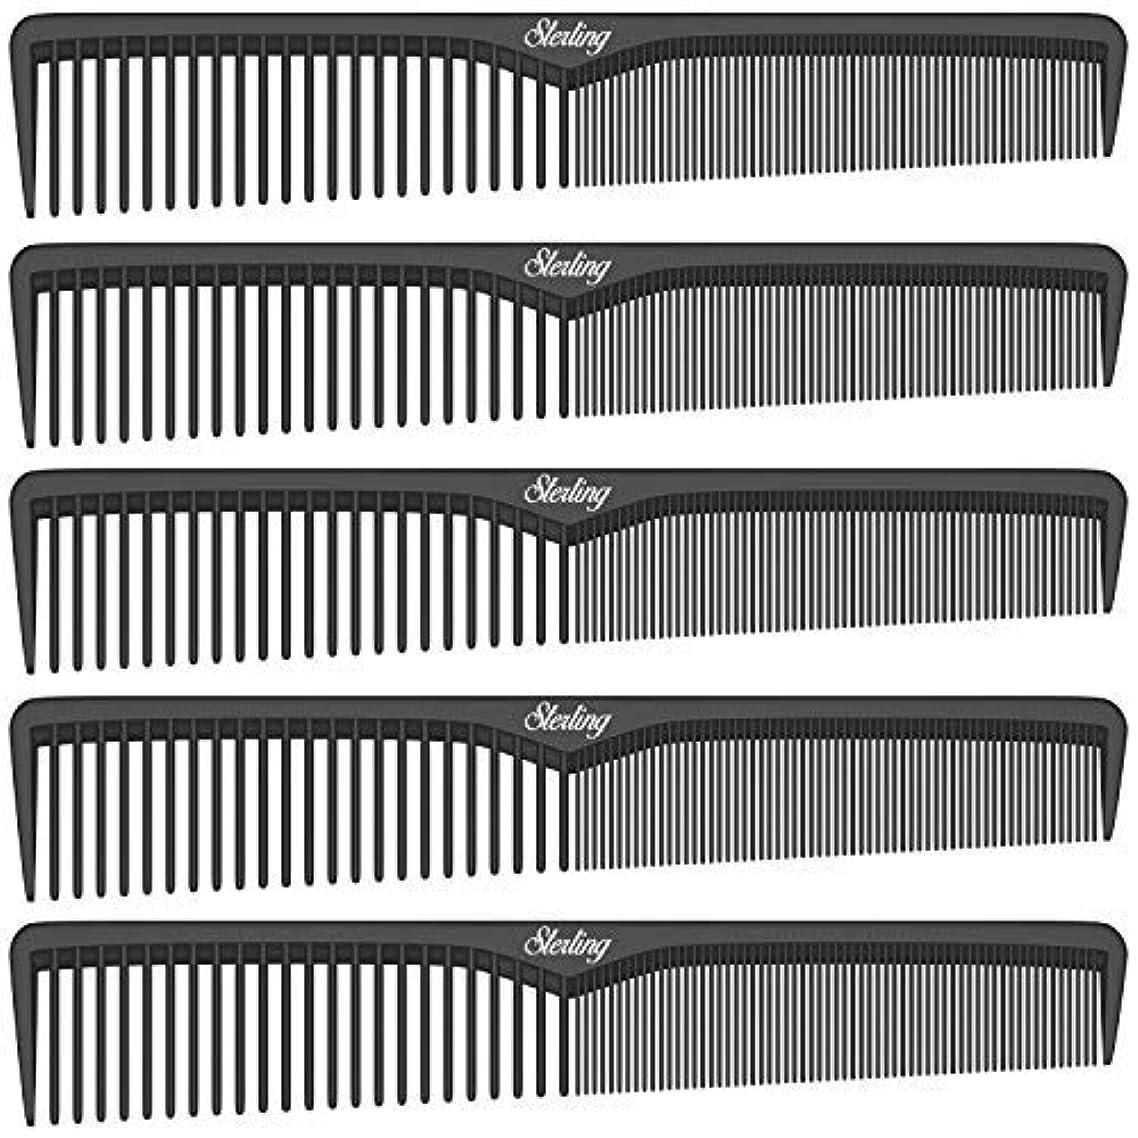 フォーム選出する排除Sterling Beauty Tools Styling Combs, Professional 7